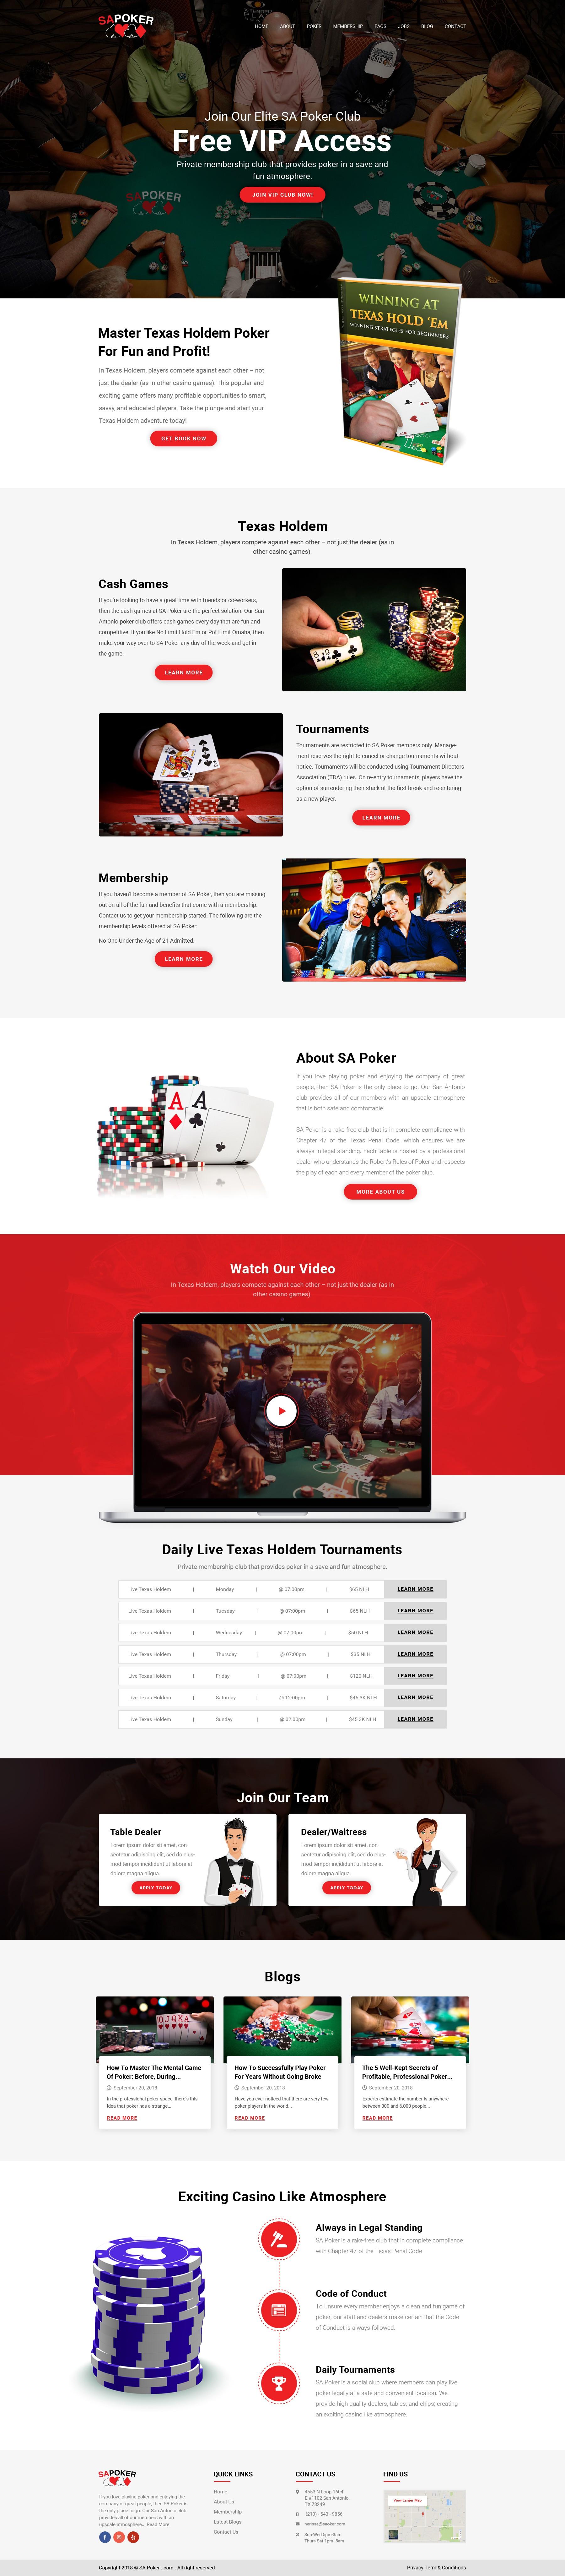 Texas Holdem Poker Website Re-Design